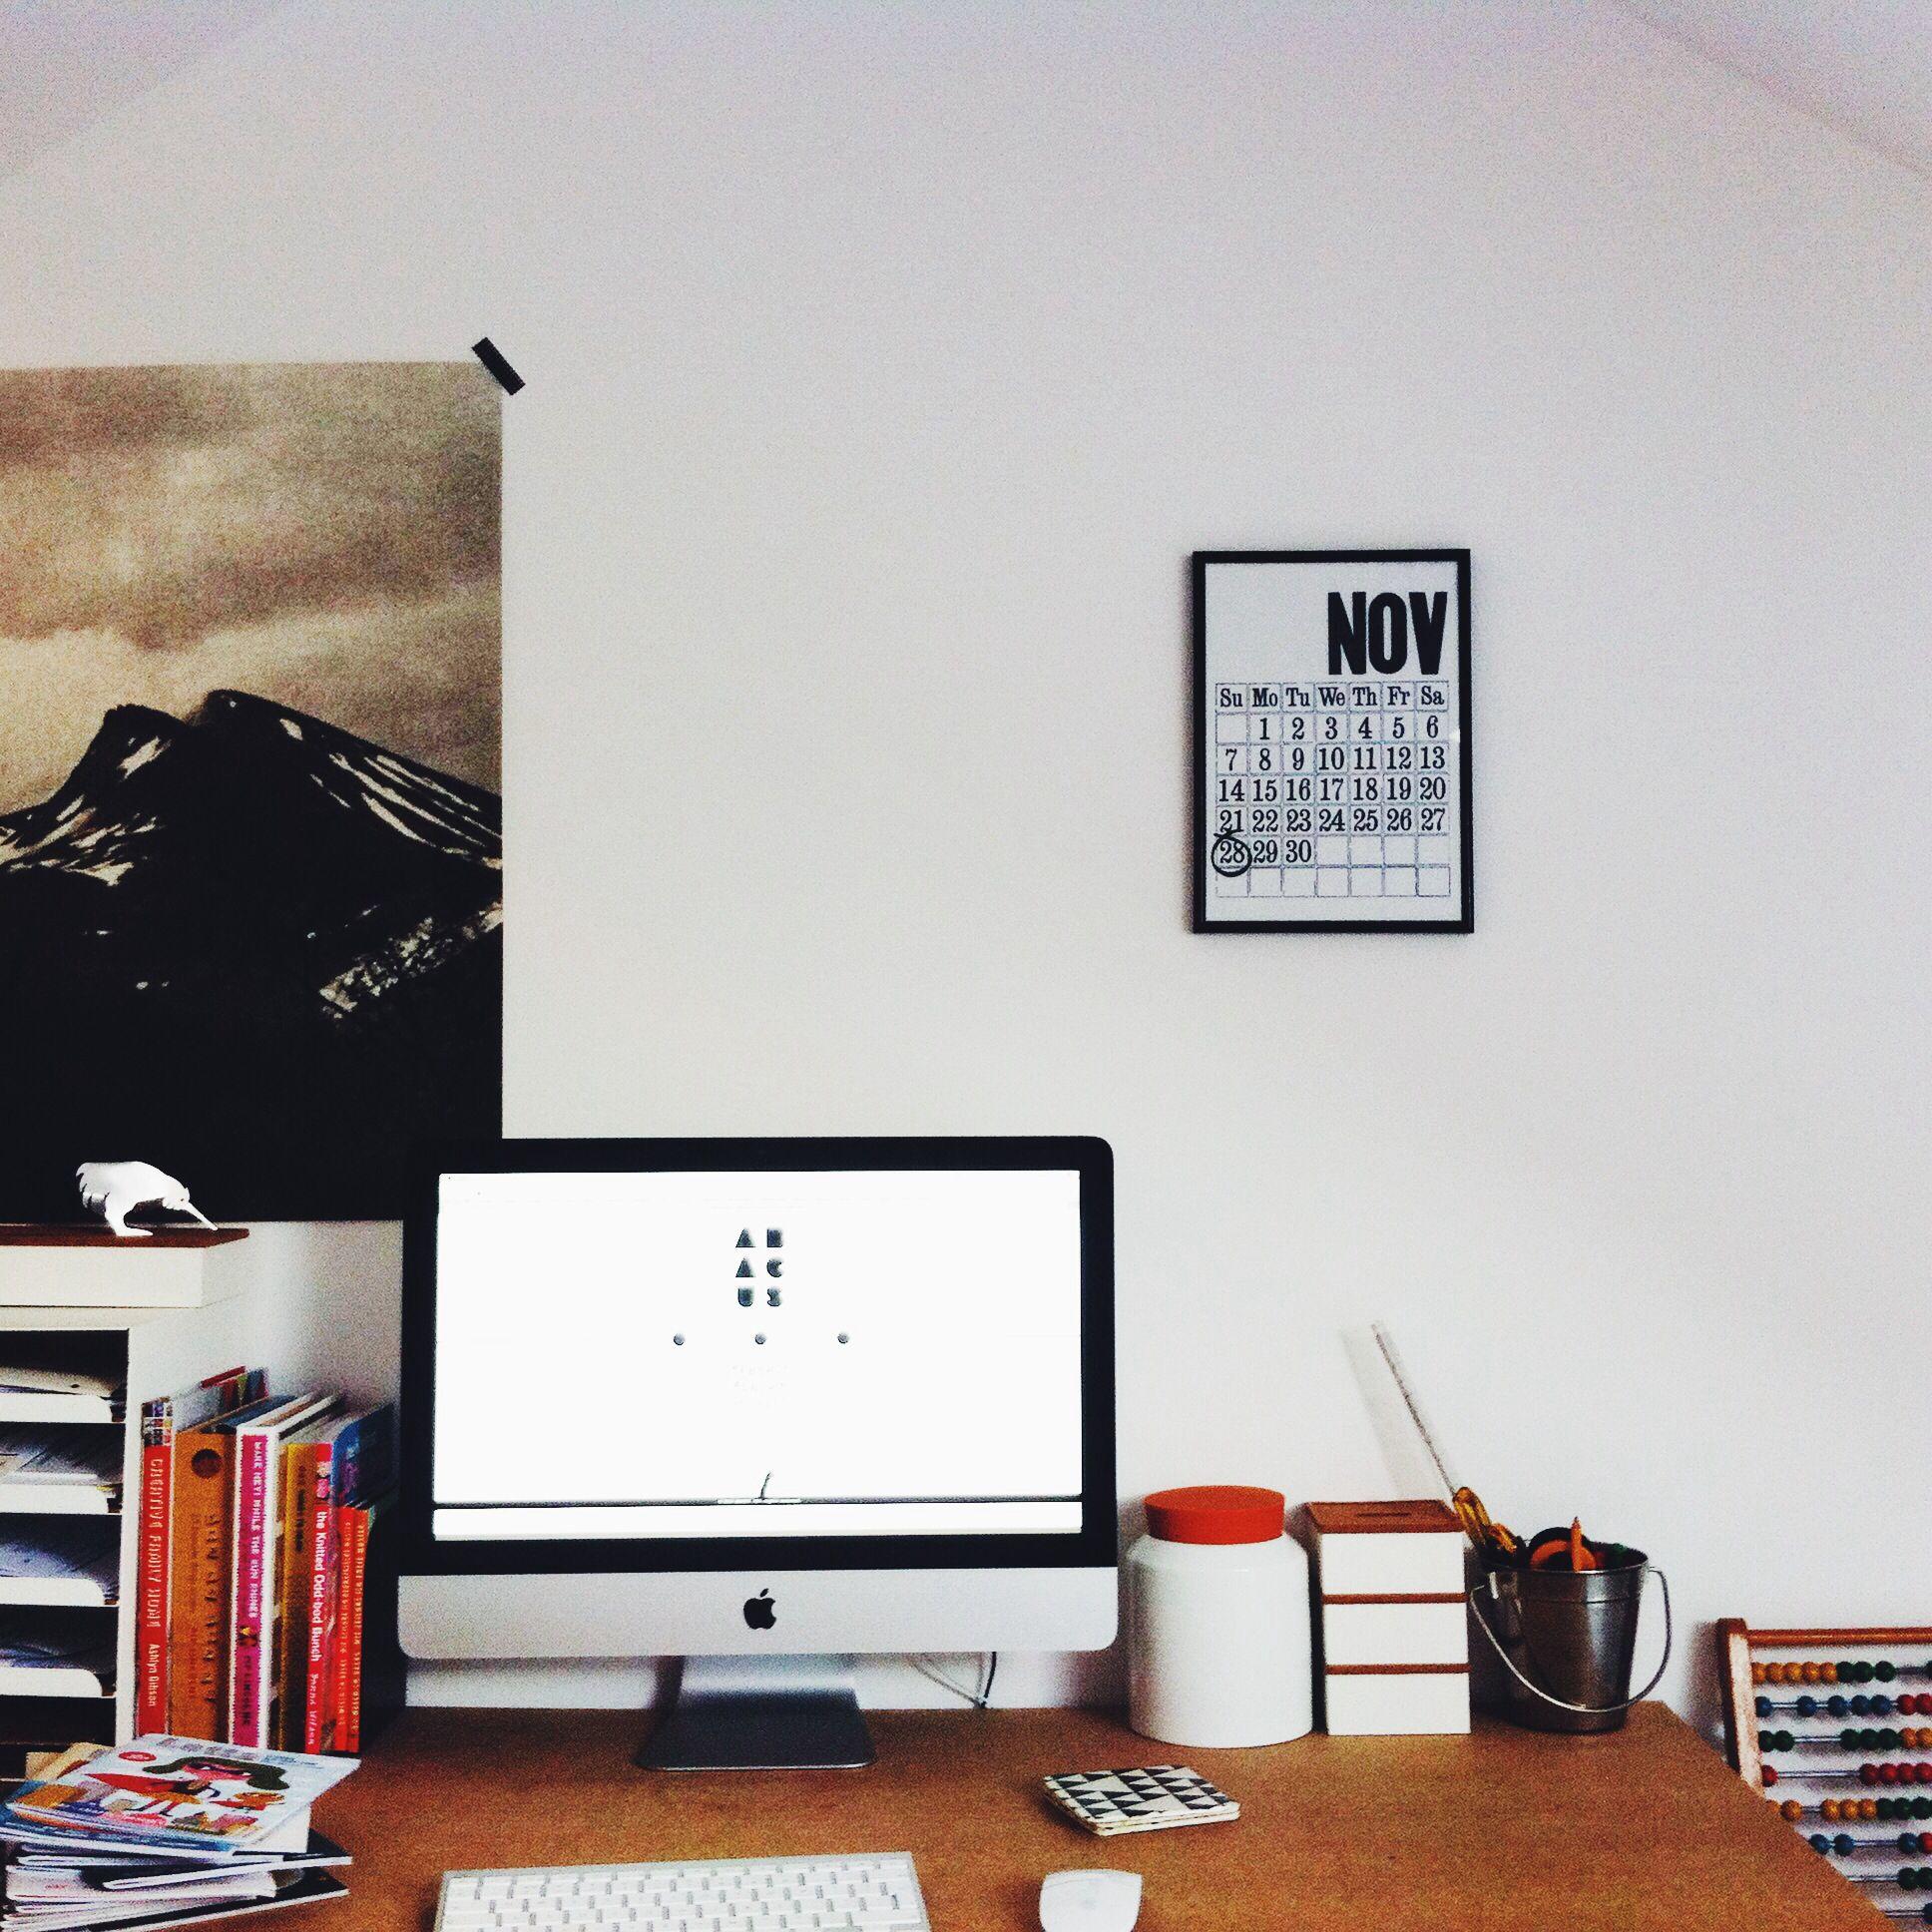 Ikea Officedesk Ideas: Ww.abacus-kids.co.uk Launching Soon...